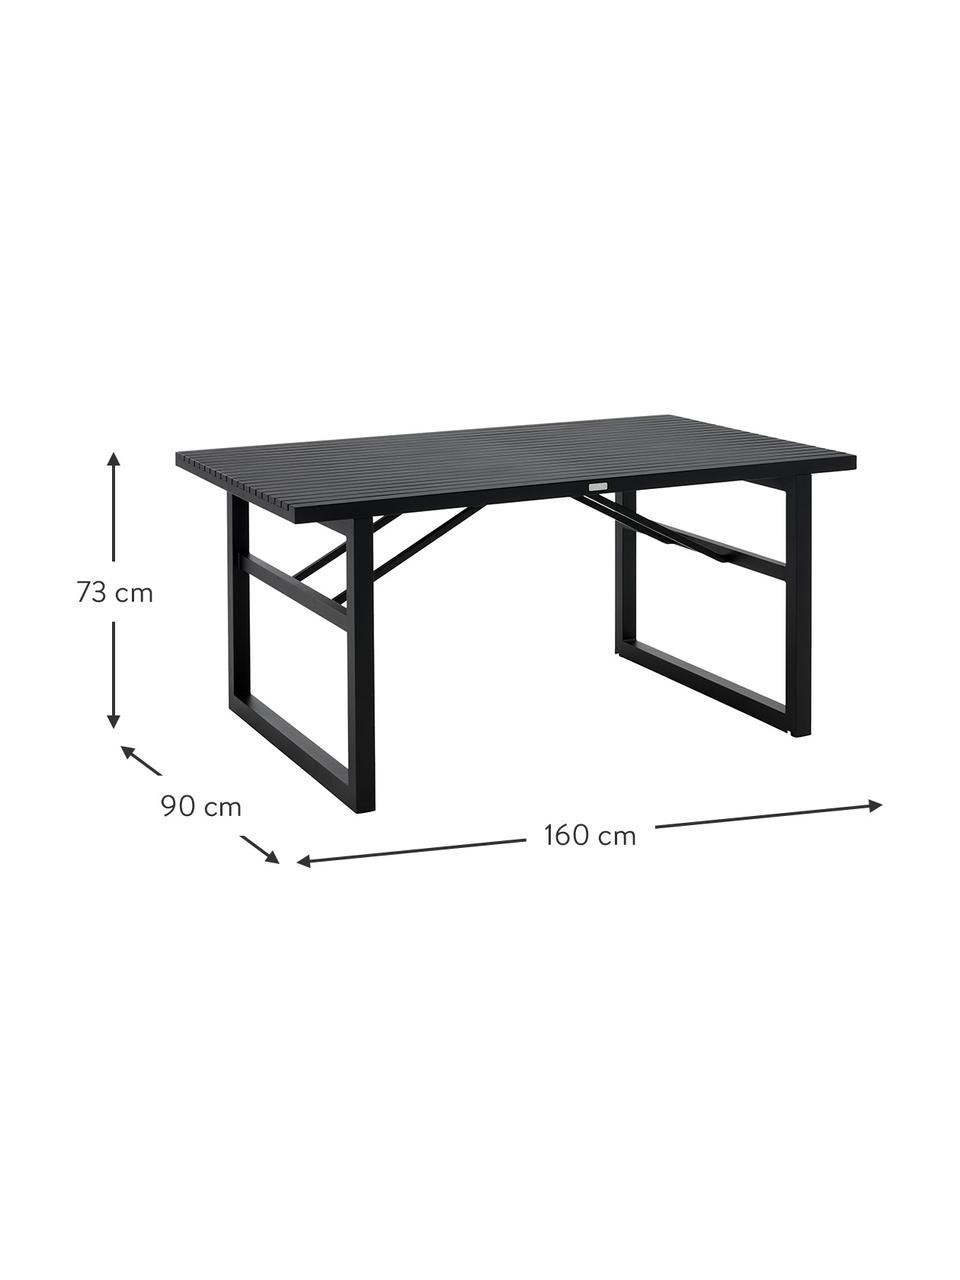 Gartentisch Vevi in Schwarz, Aluminium, pulverbeschichtet, Schwarz, B 160 x T 90 cm